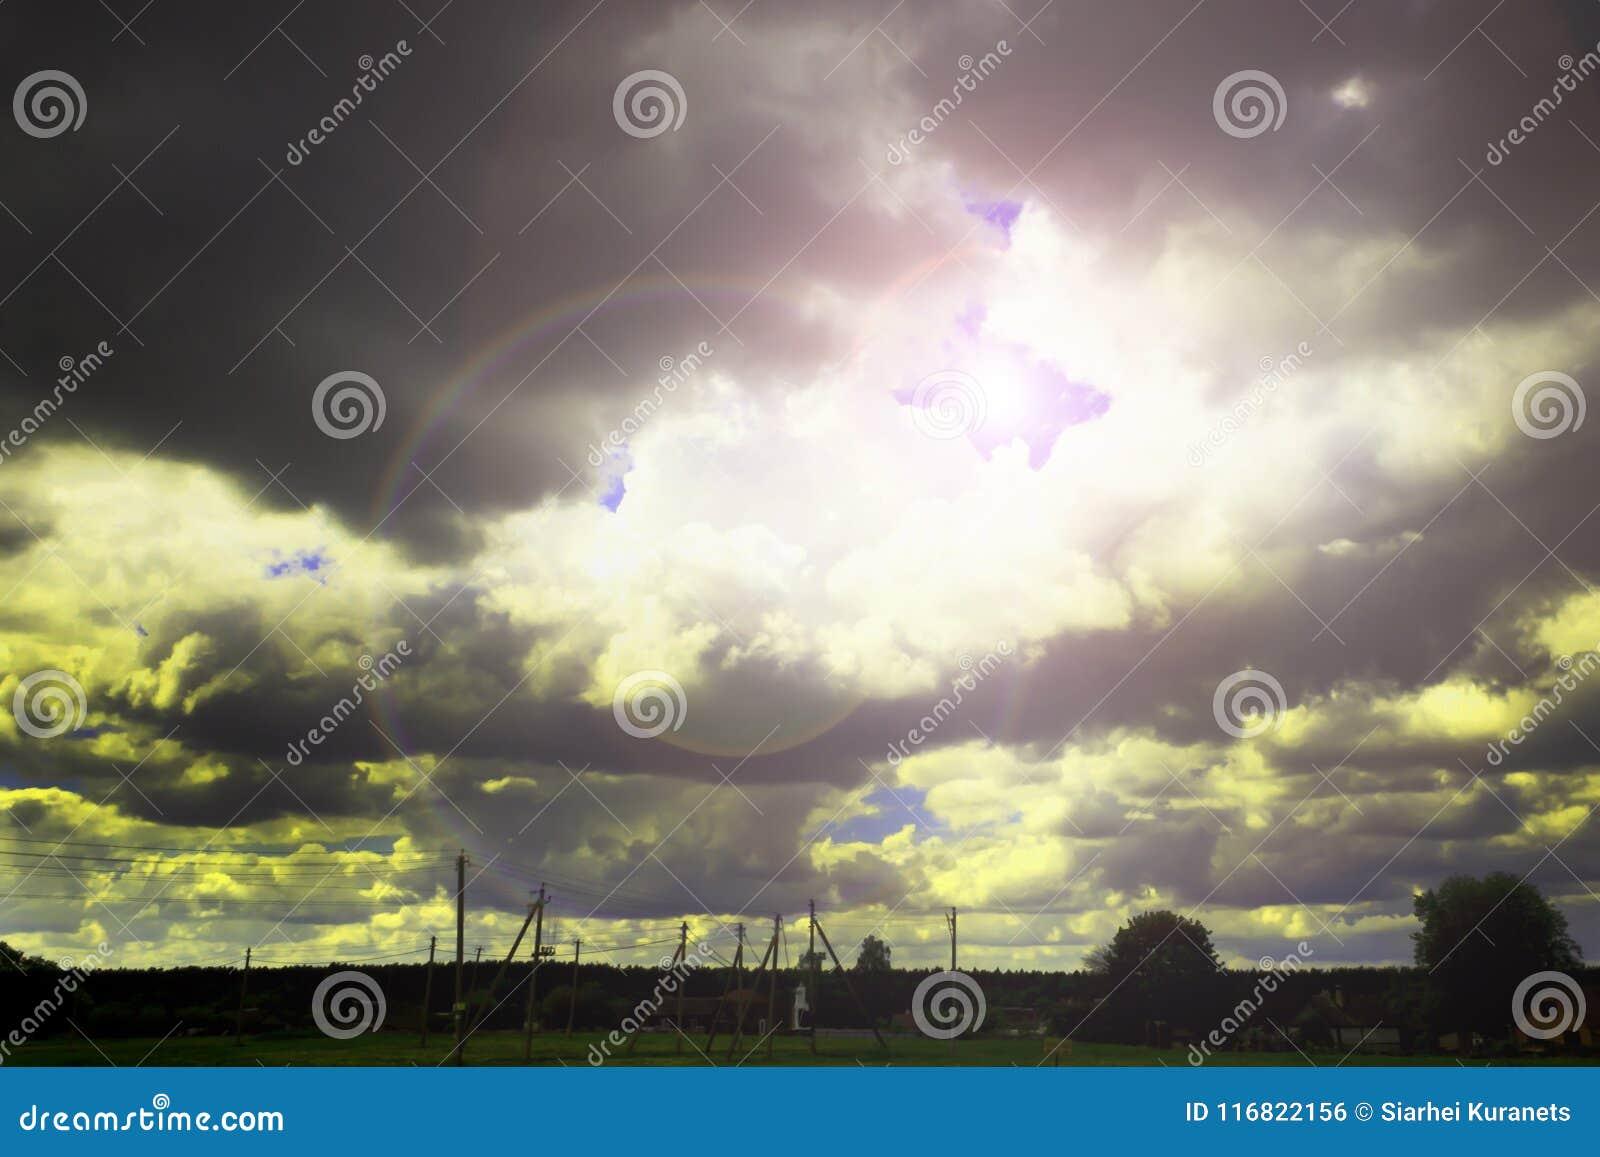 Près du village storm Le ciel rencontre un orage Le soleil brille par les nuages